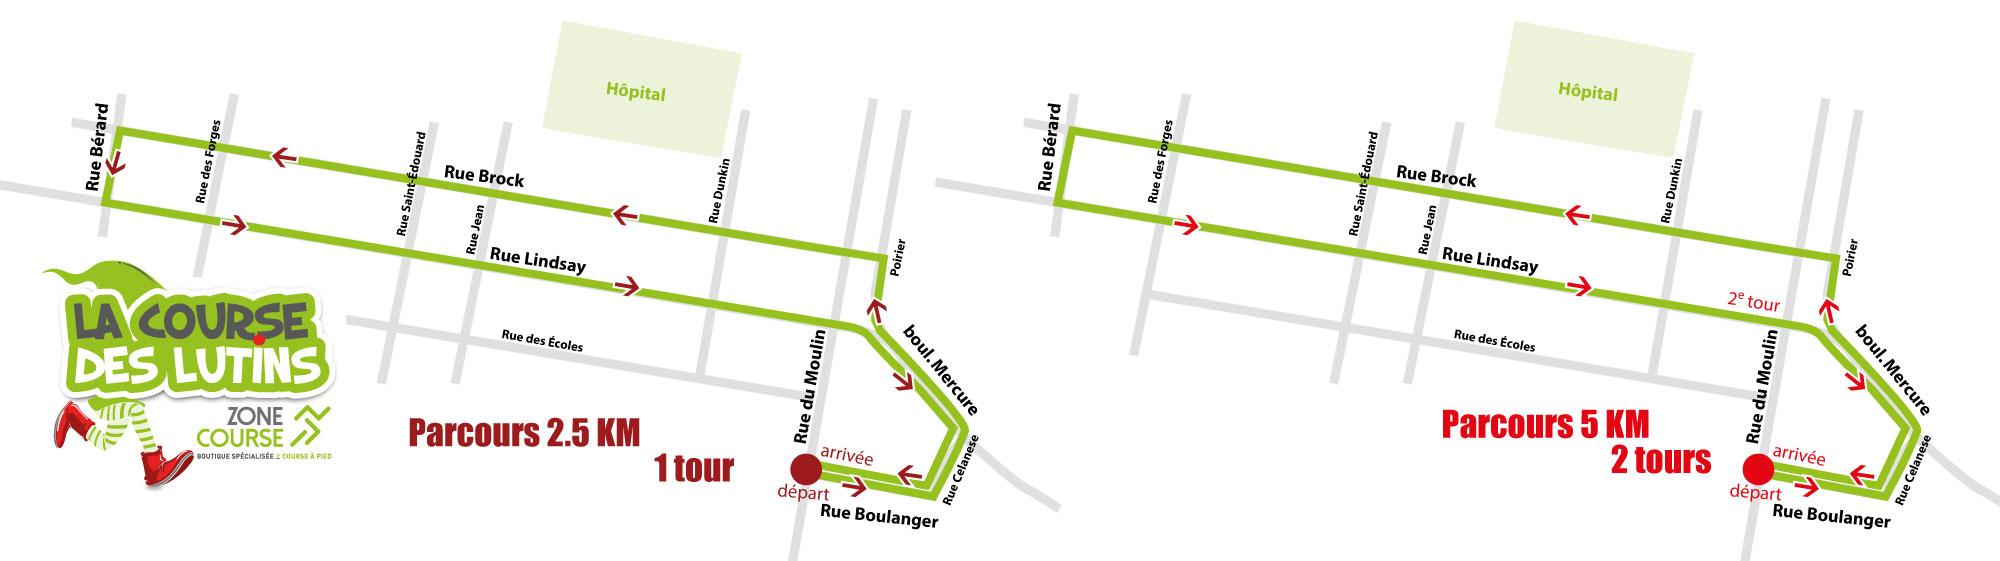 Parcours Lutins Parcours Lutins 2.5 KM et 5 KM